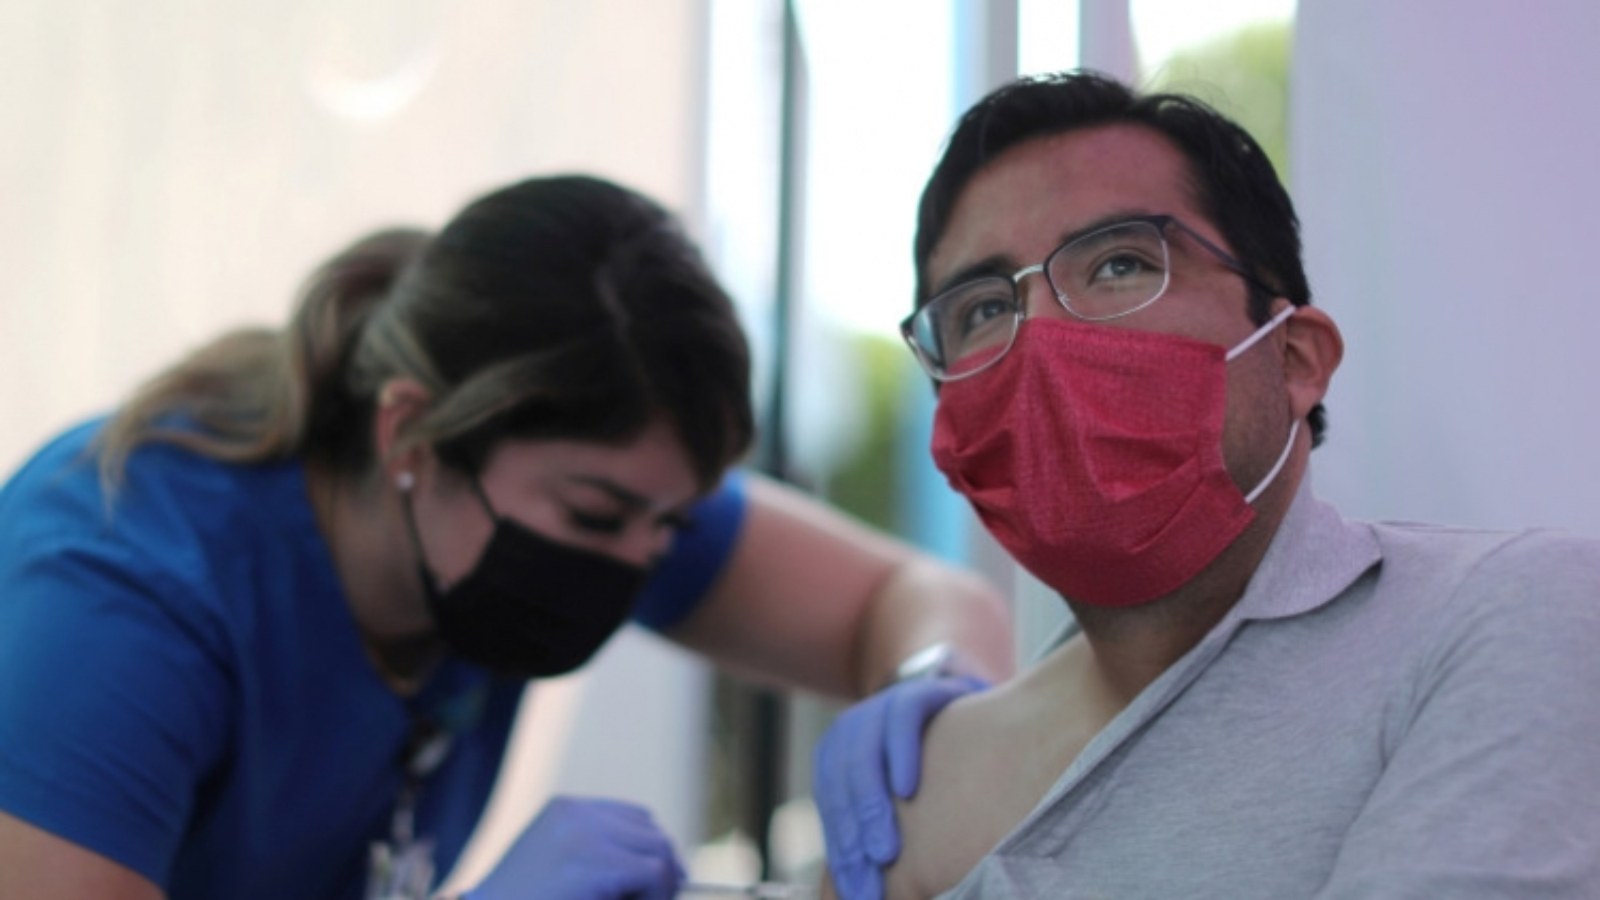 Mỹ đang gần đạt miễn dịch cộng đồng nhờ tiêm vaccine ngừa Covid-19?